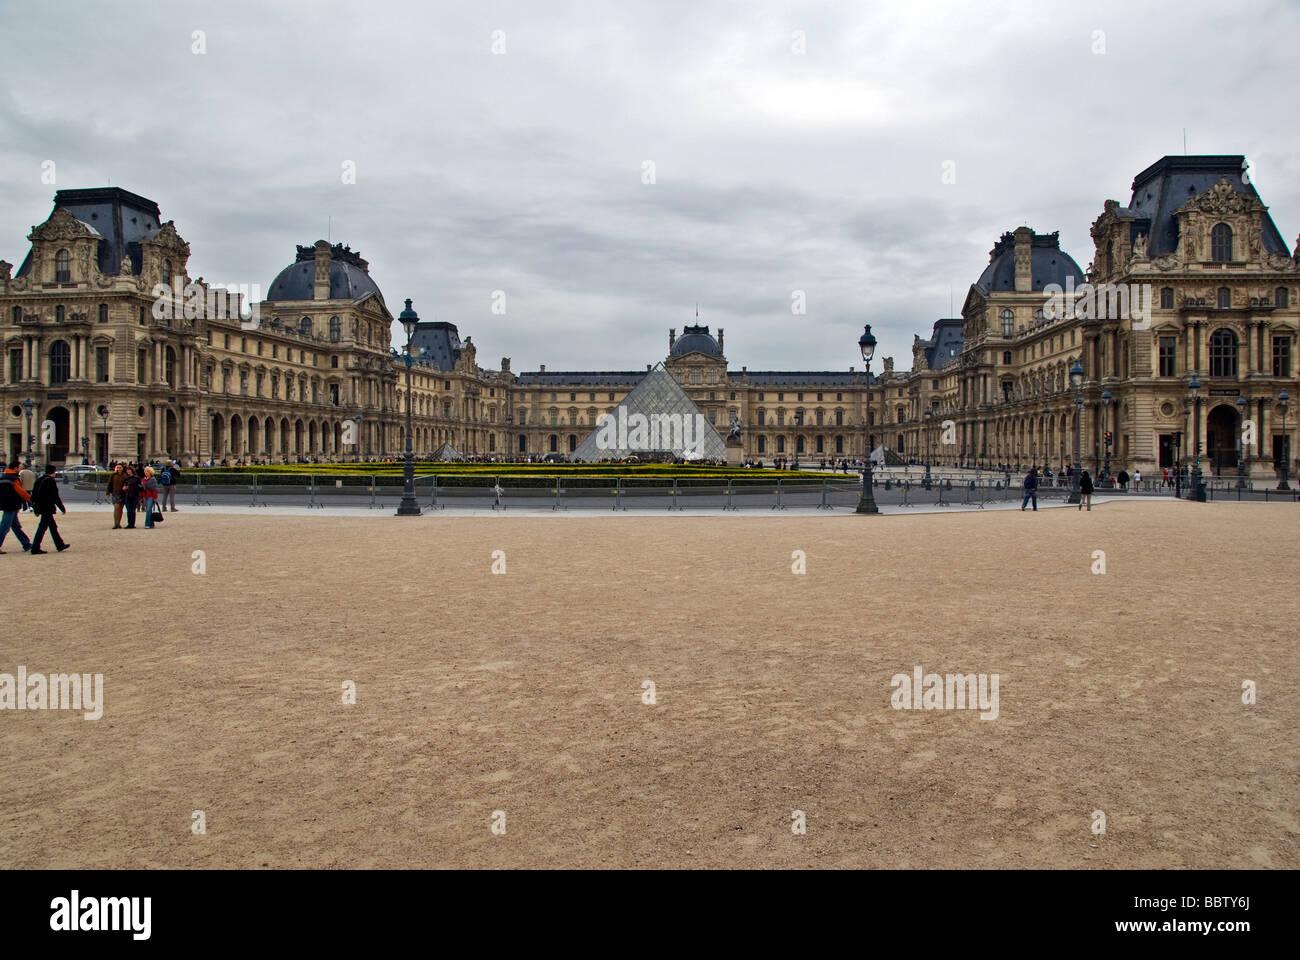 France Paris Musée de Louvre Palais Royal building glass pyramid - Stock Image